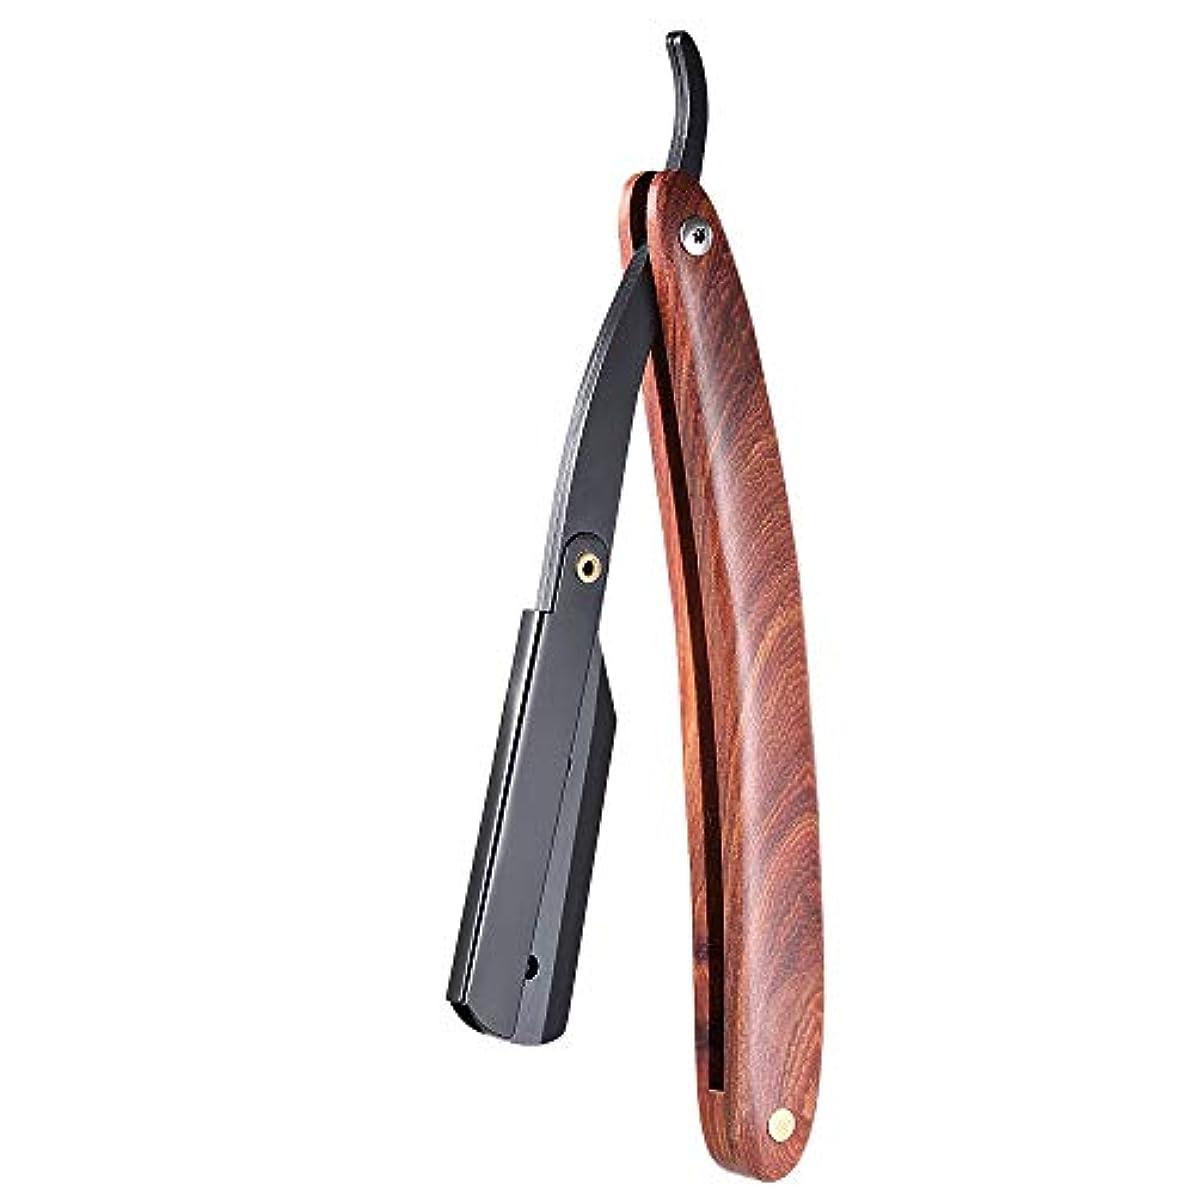 ゆりかご鉱夫小人Men Shaving Straight Edge Razor Stainless Steel Manual Razor Wooden Handle Folding Shaving Knife Shave Beard Cutter...